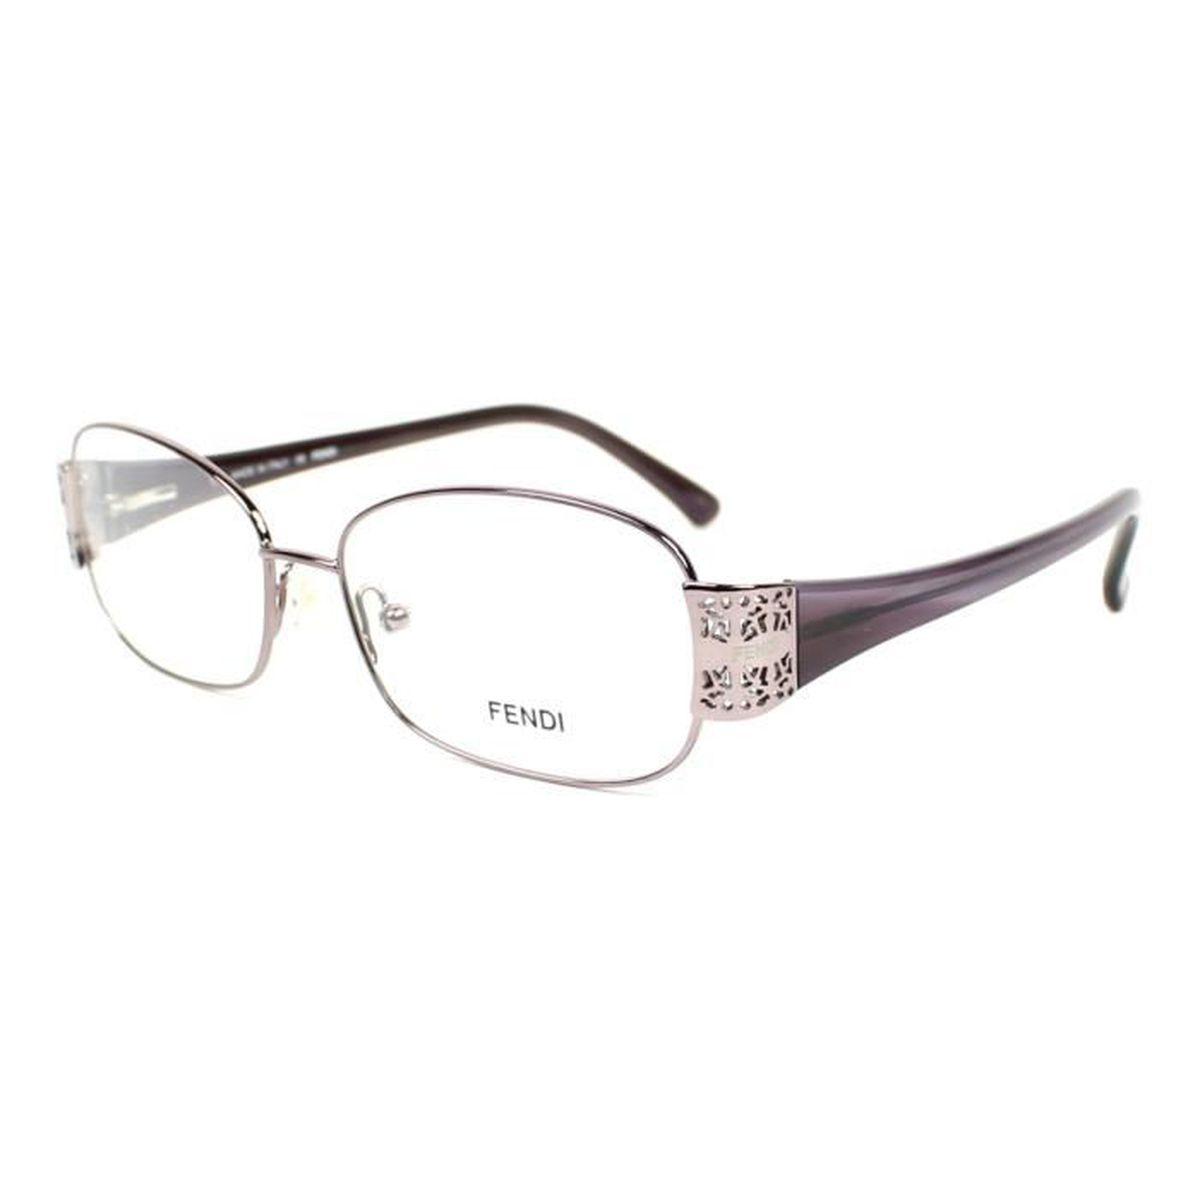 Lunettes de vue Fendi F803 -516 Violet - Achat   Vente lunettes de ... a79012a7d3c5